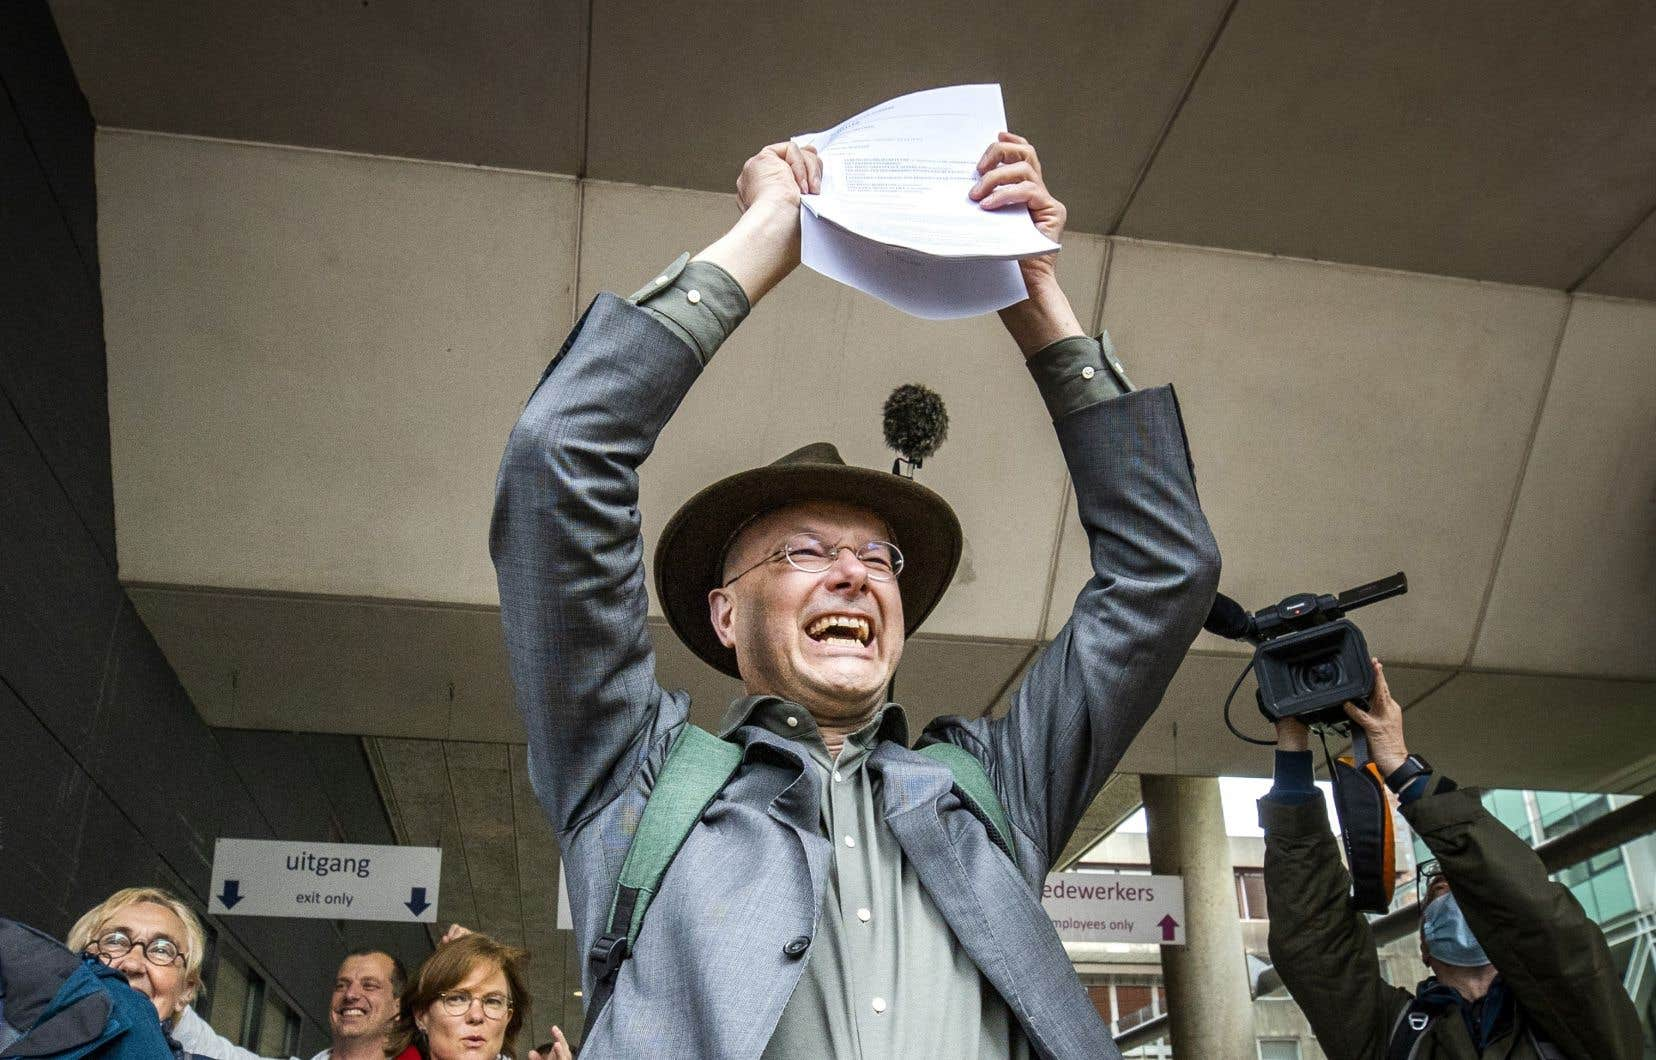 Le directeur de l'organisme environnemental Milieudefensie, Donald Pols, jubile à la suite de la décision d'un tribunal dans l'affaire baptisée «Le peuple contre Shell».